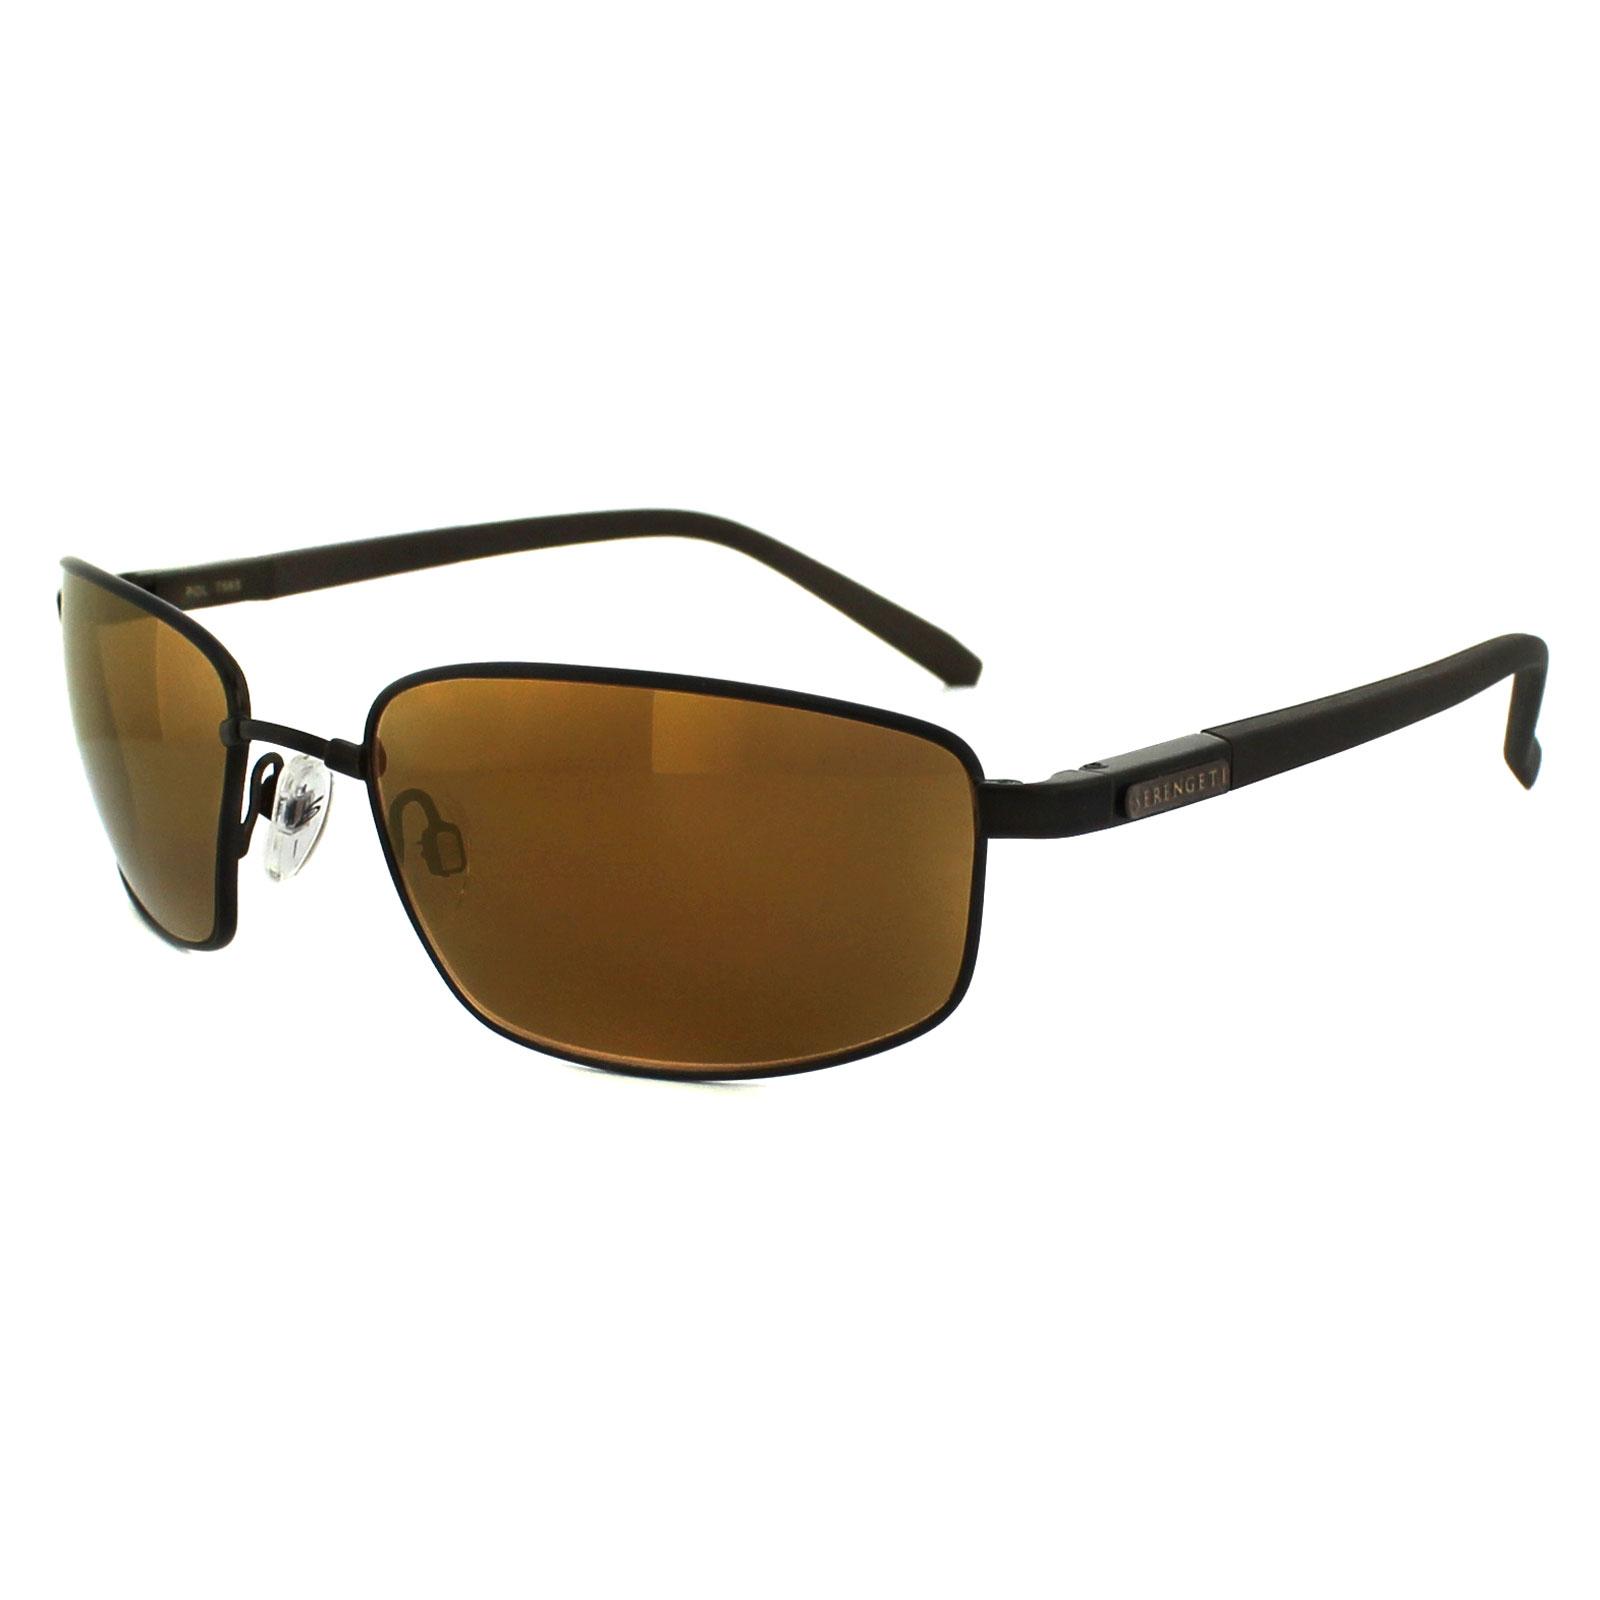 Serengeti occhiali da sole agazzi 7565 raso marrone scuro - Specchio polarizzato ...